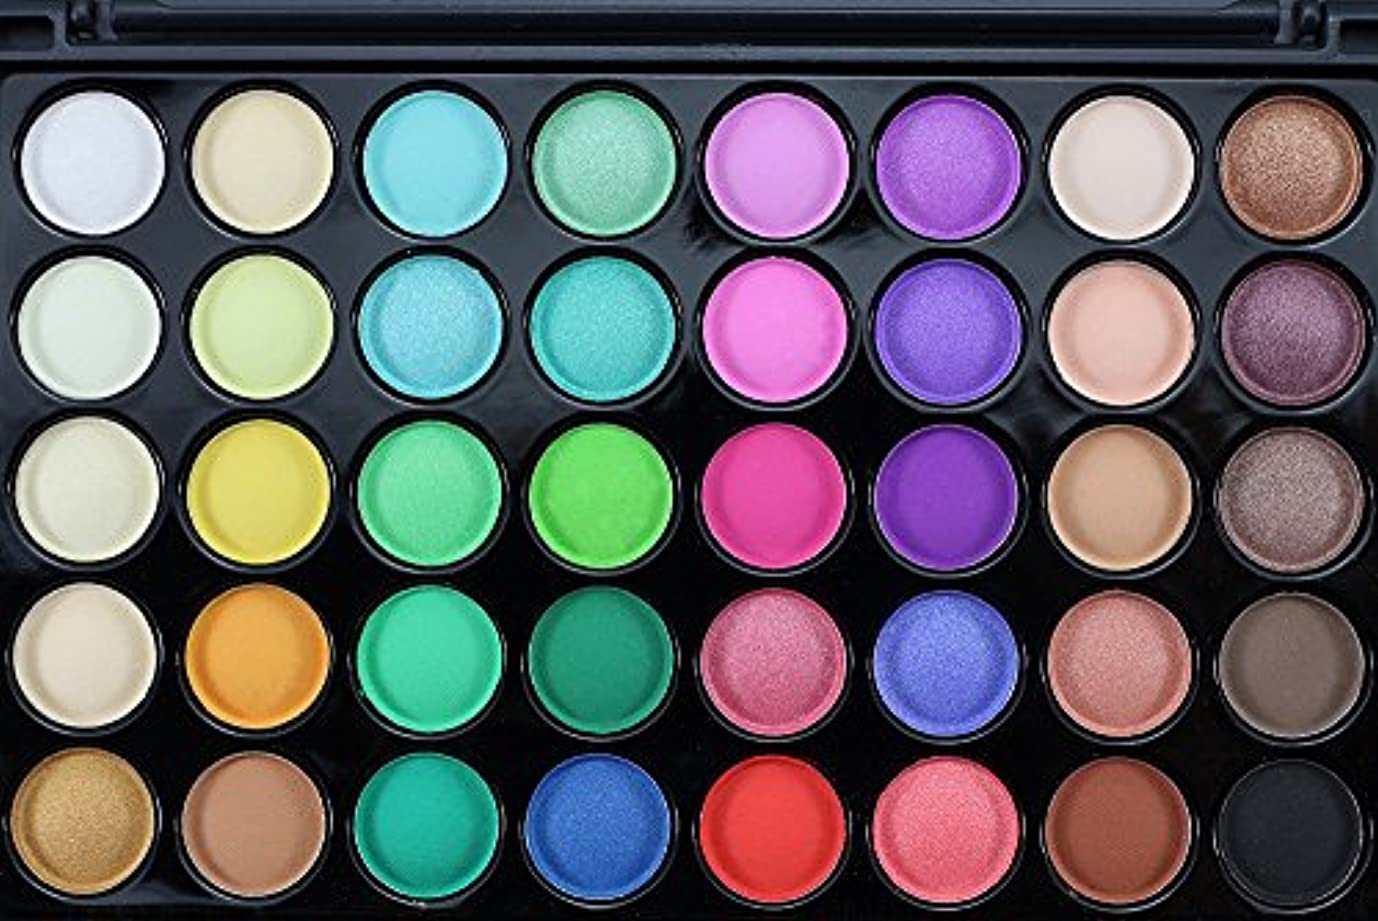 間違っているランチ医療のAkane アイシャドウパレット Popfeel ファッション マット 高級 美しい 魅力的 優雅な クリーム ブラシ付き 綺麗 素敵 持ち便利 日常 Eye Shadow (40色+1本ブラシ)